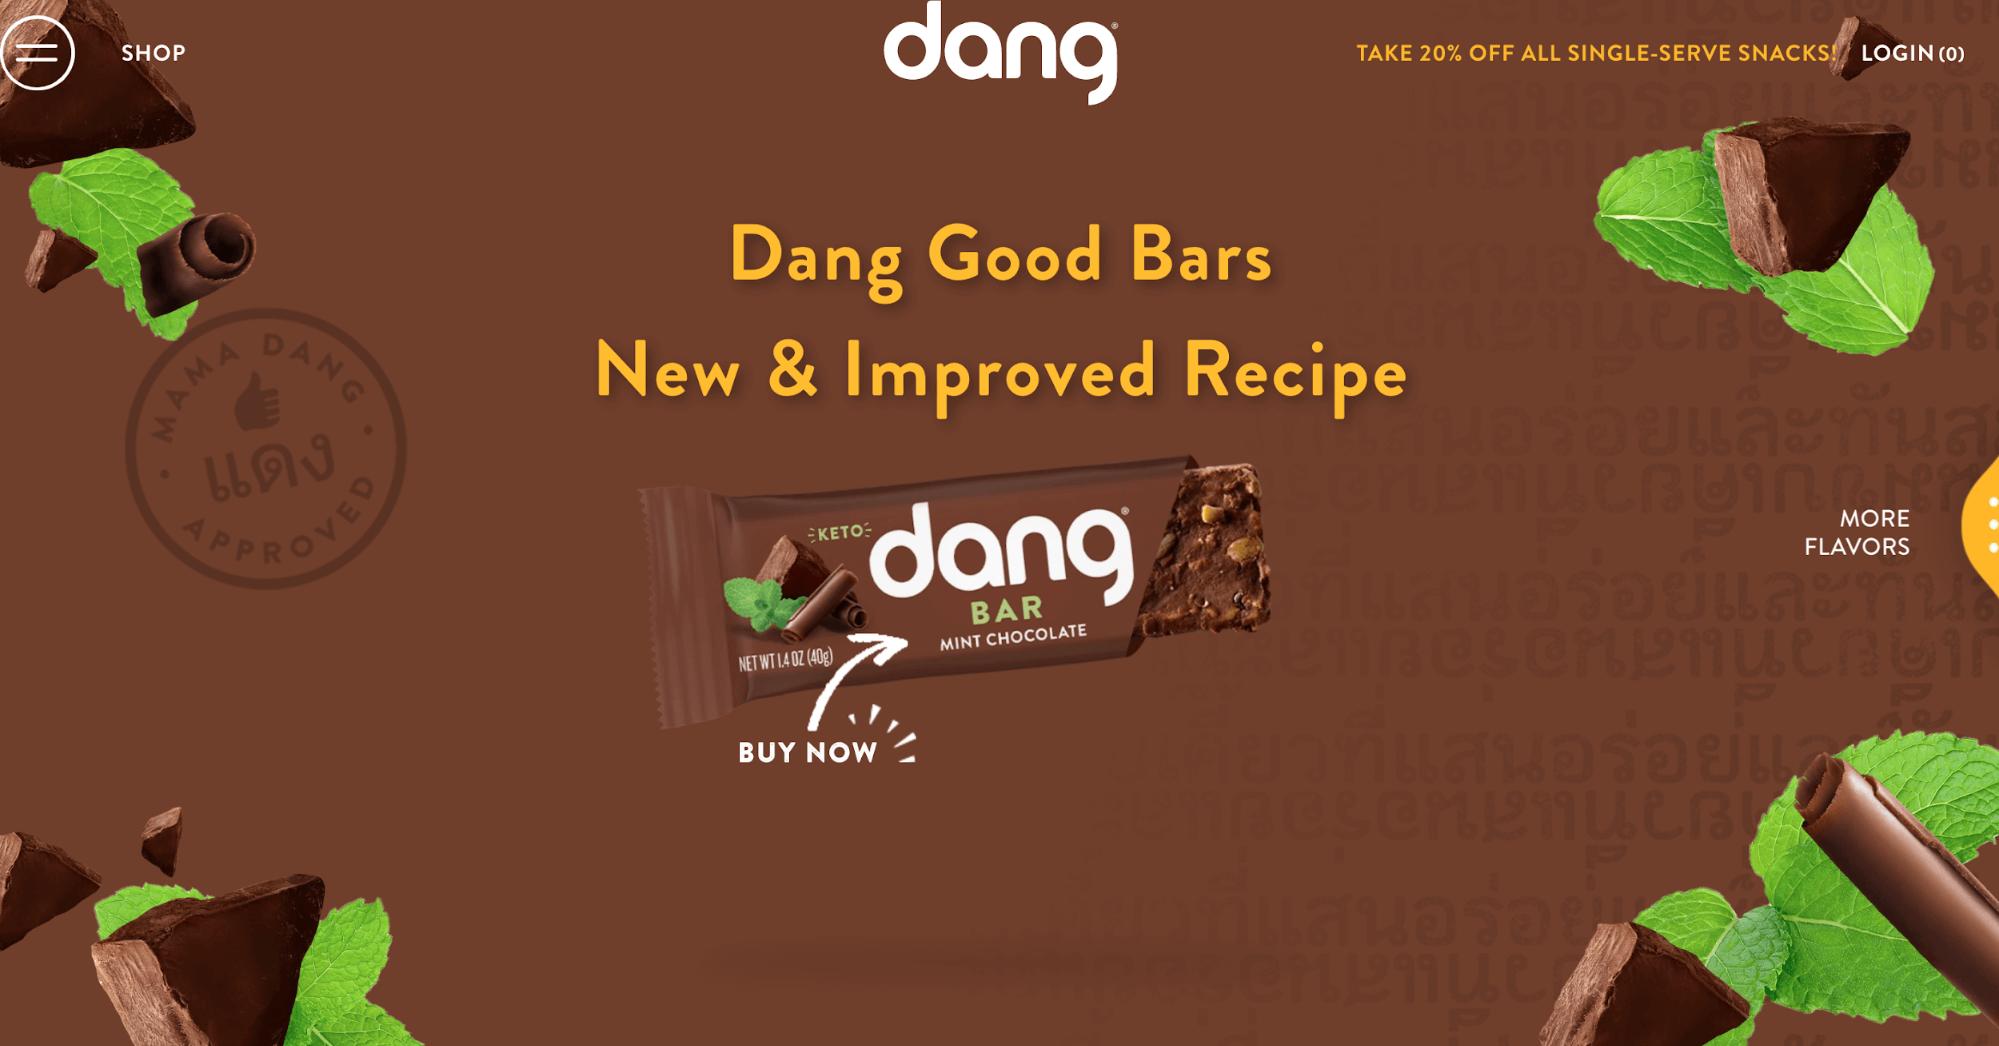 ecommerce website design for snack bar